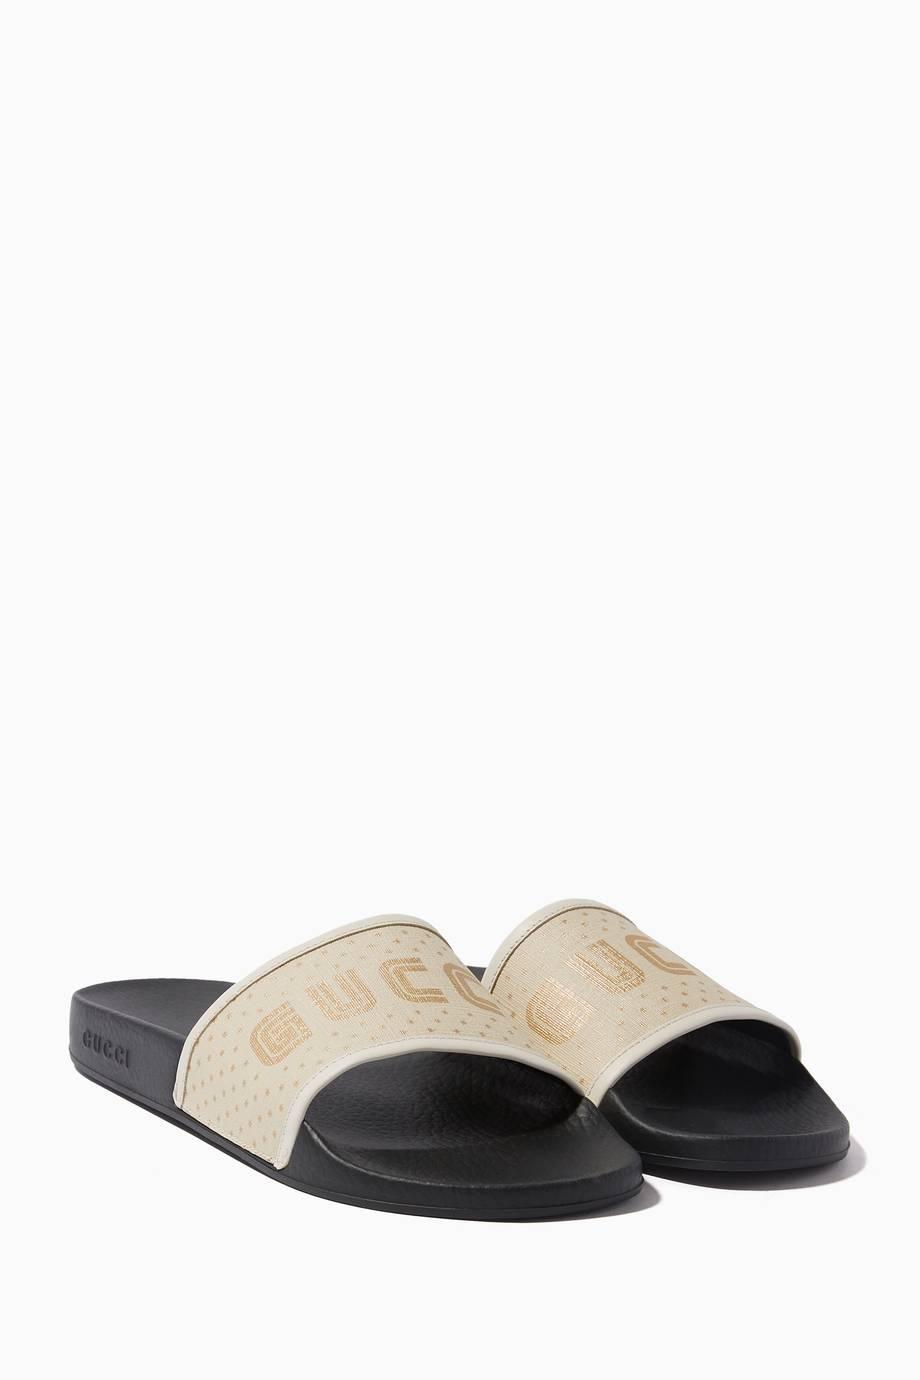 078962a0db1 Shop Luxury Gucci White Pursuit Guccy Rubber Slides